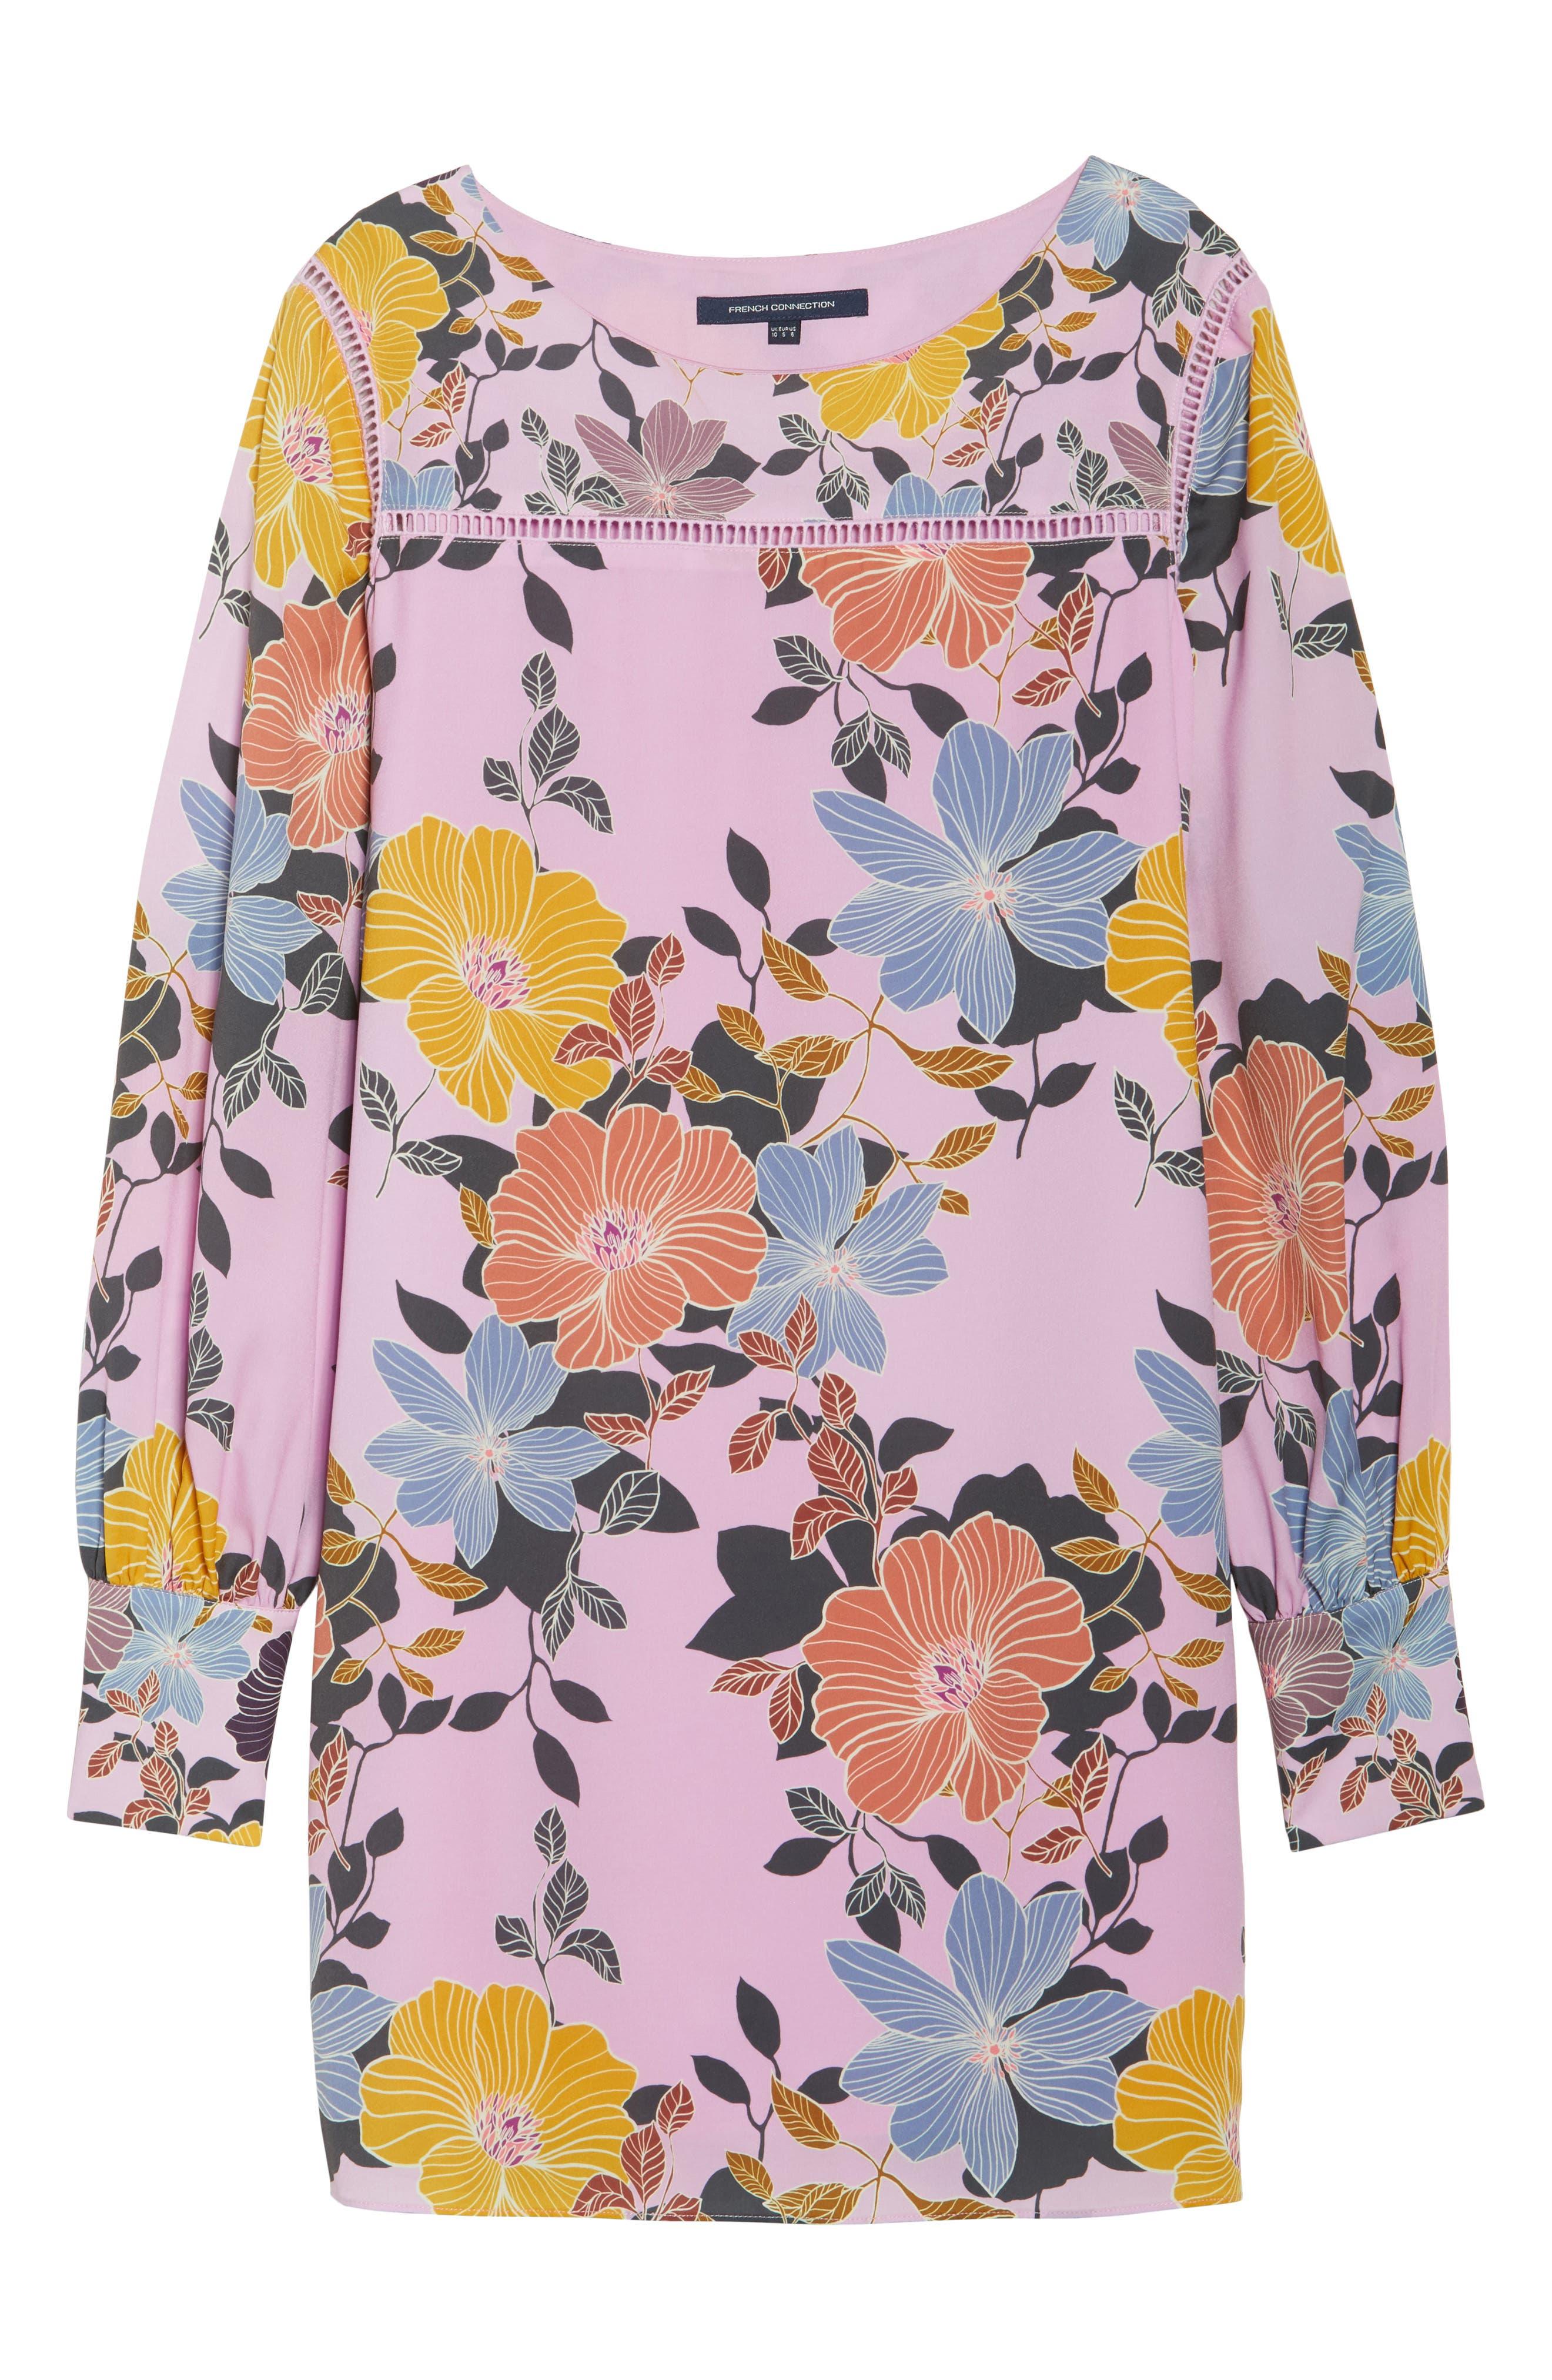 Shikoku Floral Crepe Shift Dress,                             Alternate thumbnail 7, color,                             530